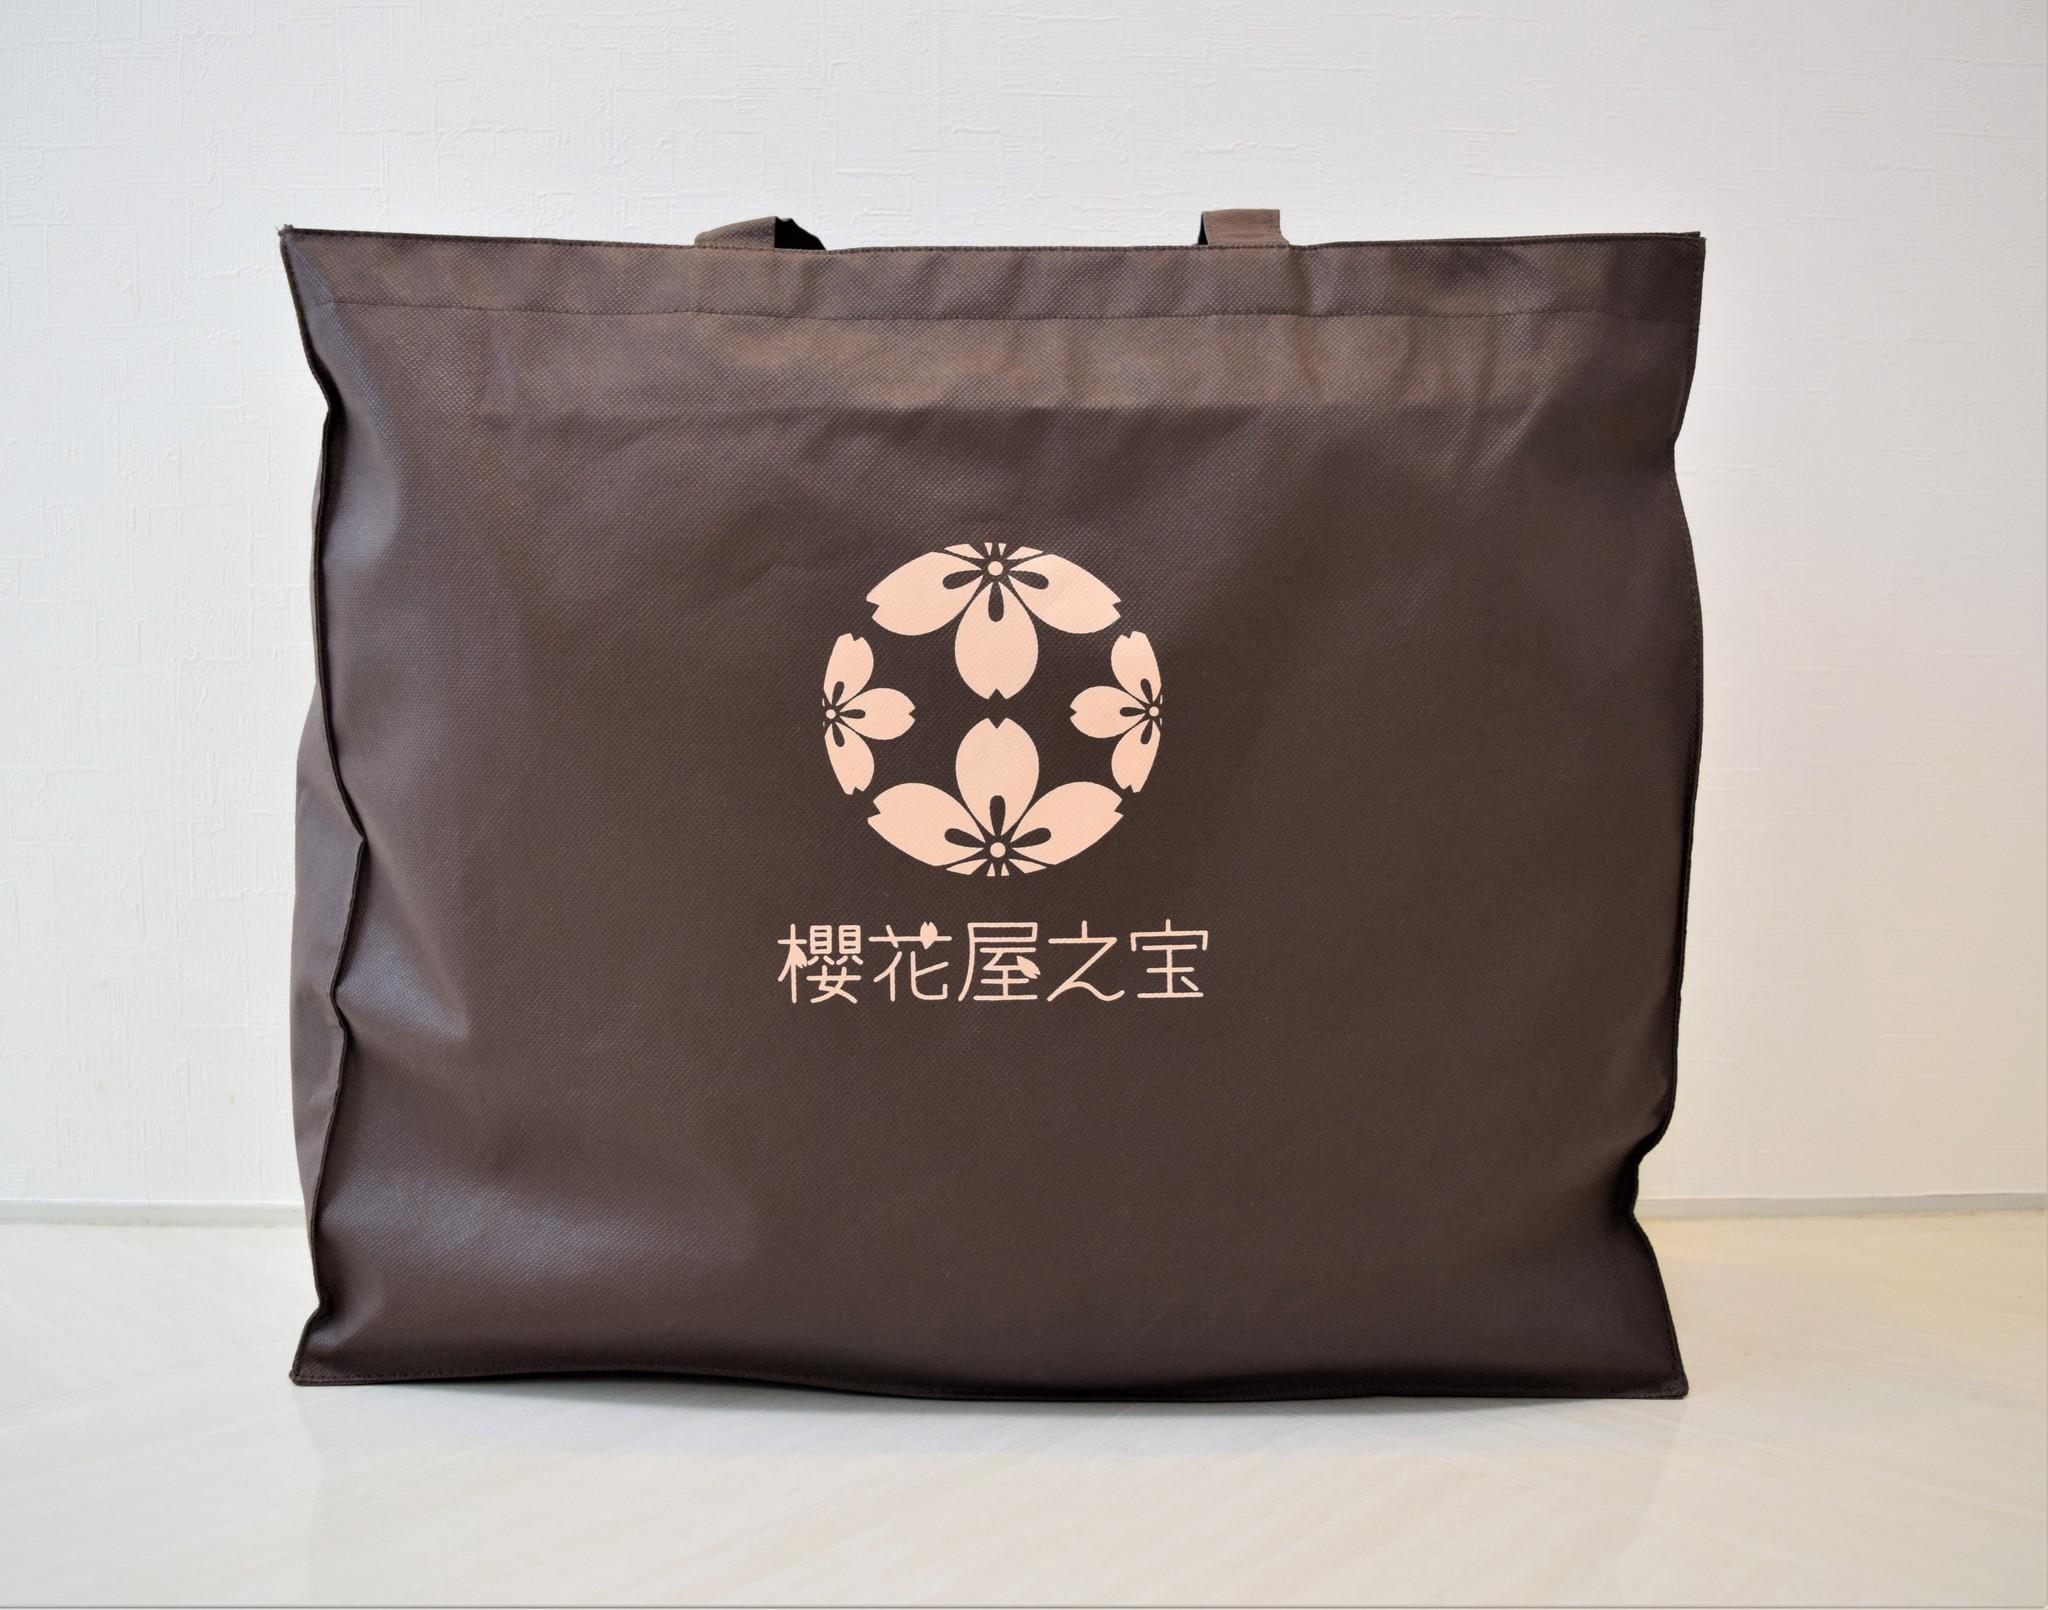 「いつもいっしょベッド」持ち運び用バッグプレゼント!